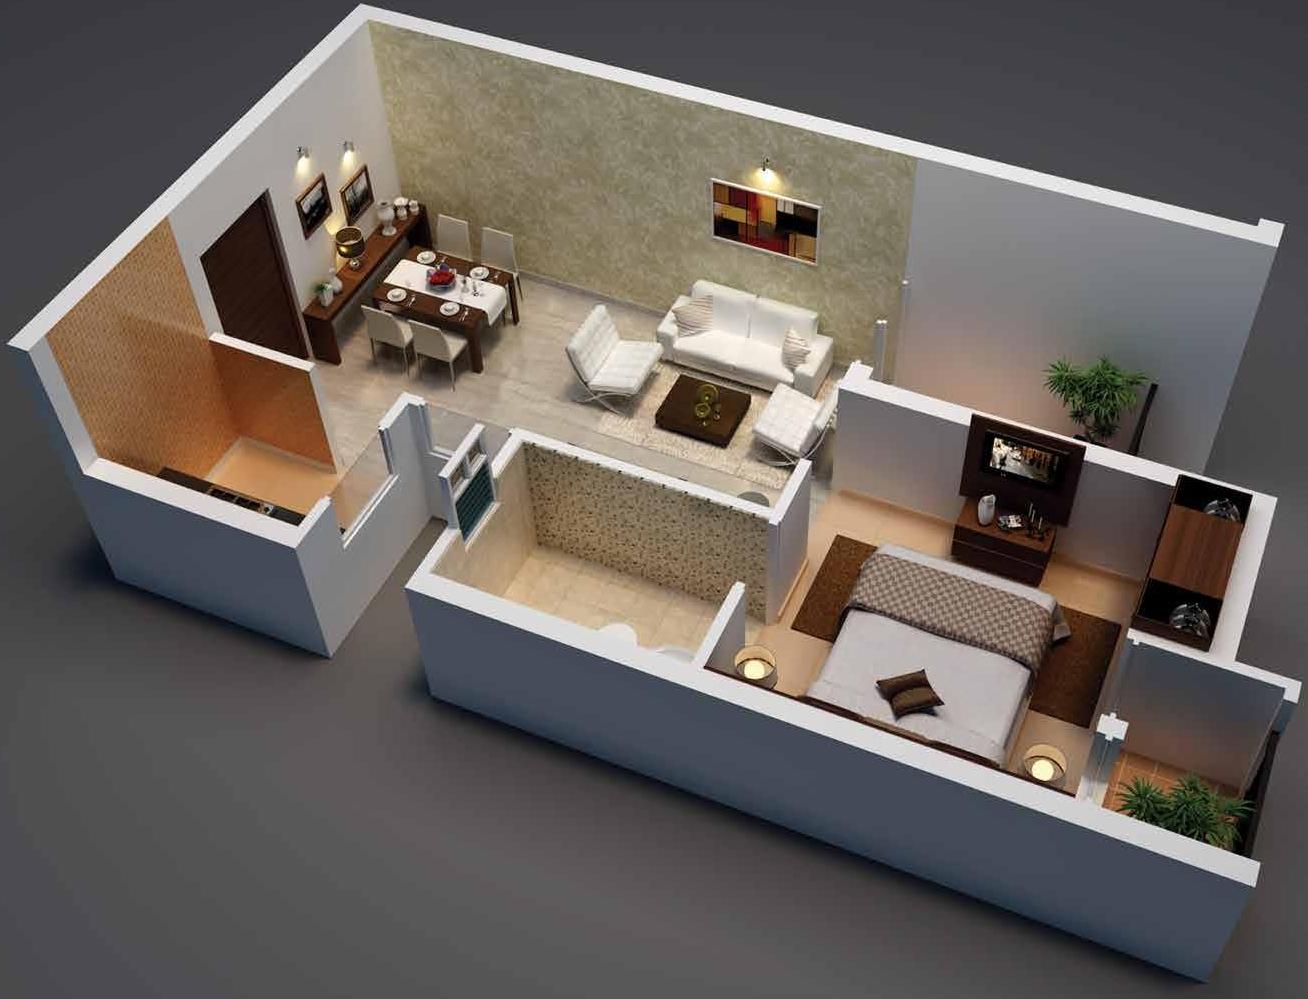 500 sq ft apartment floor plan imposing ideas studio floor p